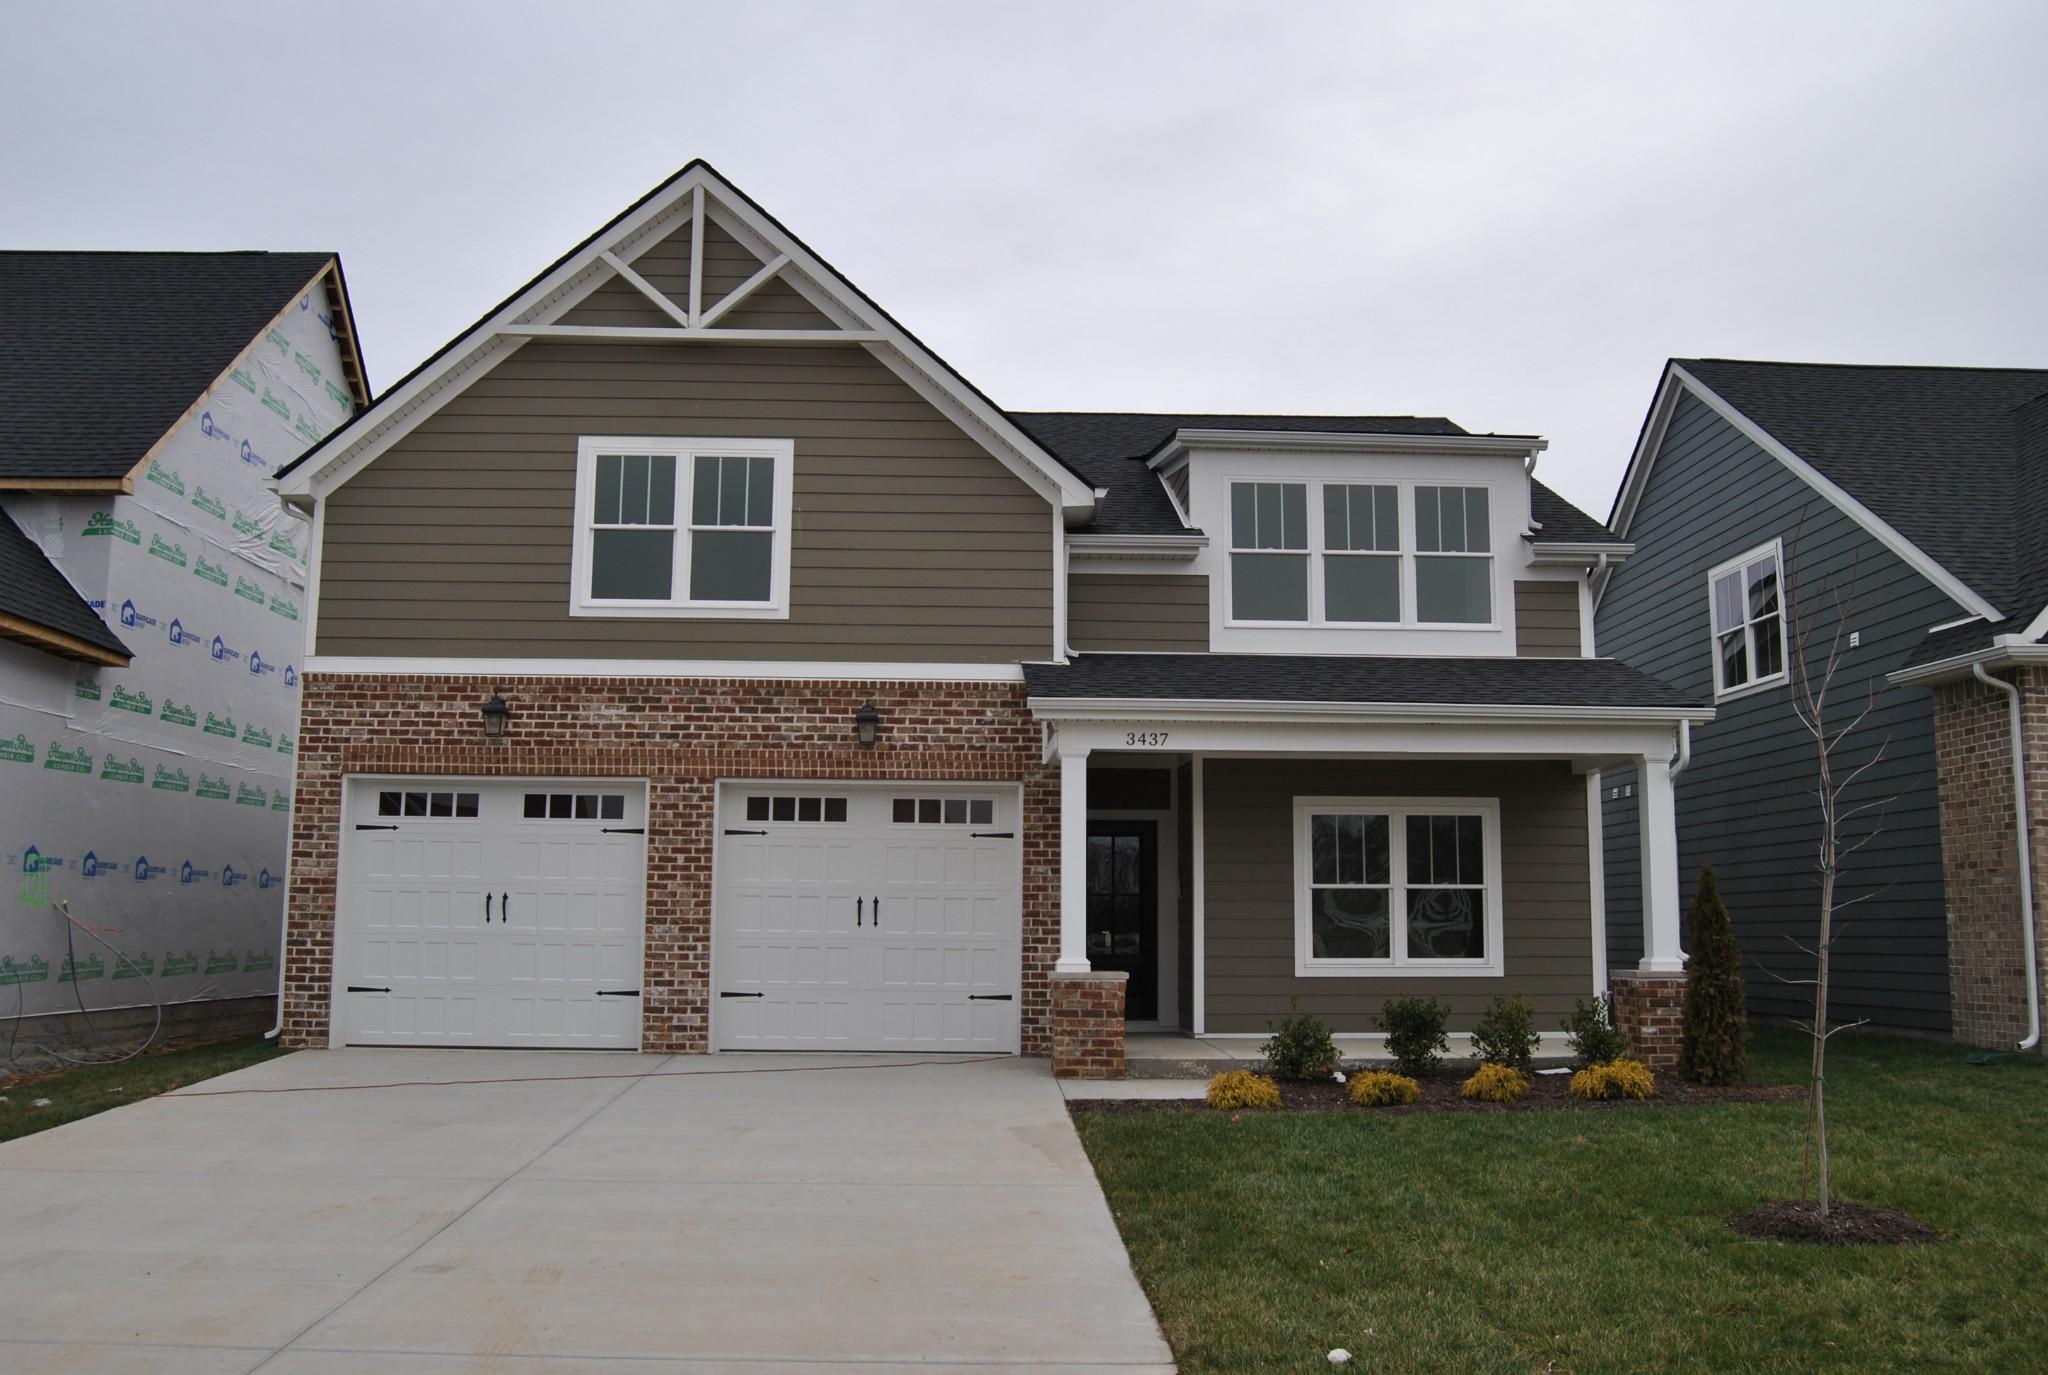 3437 Caroline Farms Drive 53, Murfreesboro, TN 37129 - Murfreesboro, TN real estate listing